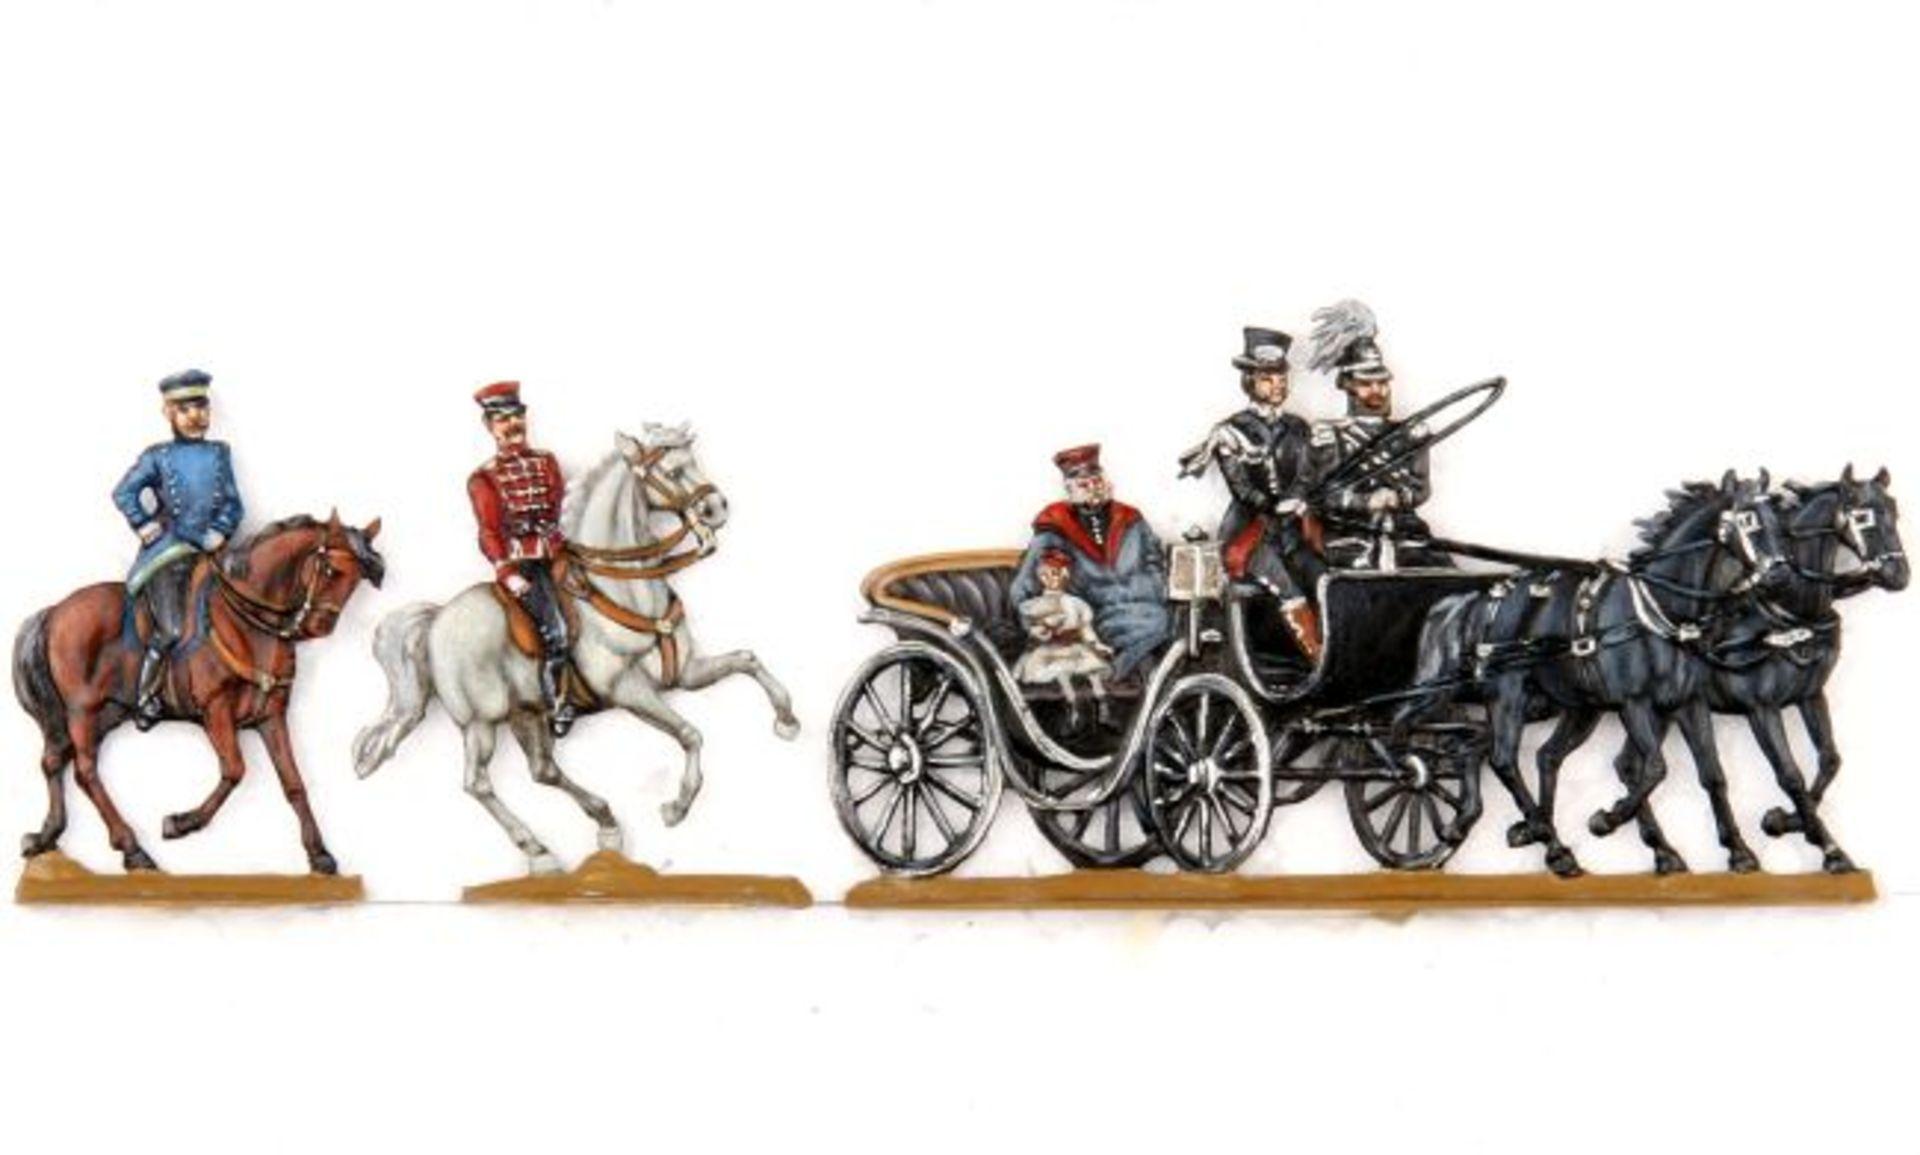 Deutsches Reich 1888, Droschke Victoria, 4 Generationen Hohenzollern, Schulz, sehr gute, schattierte